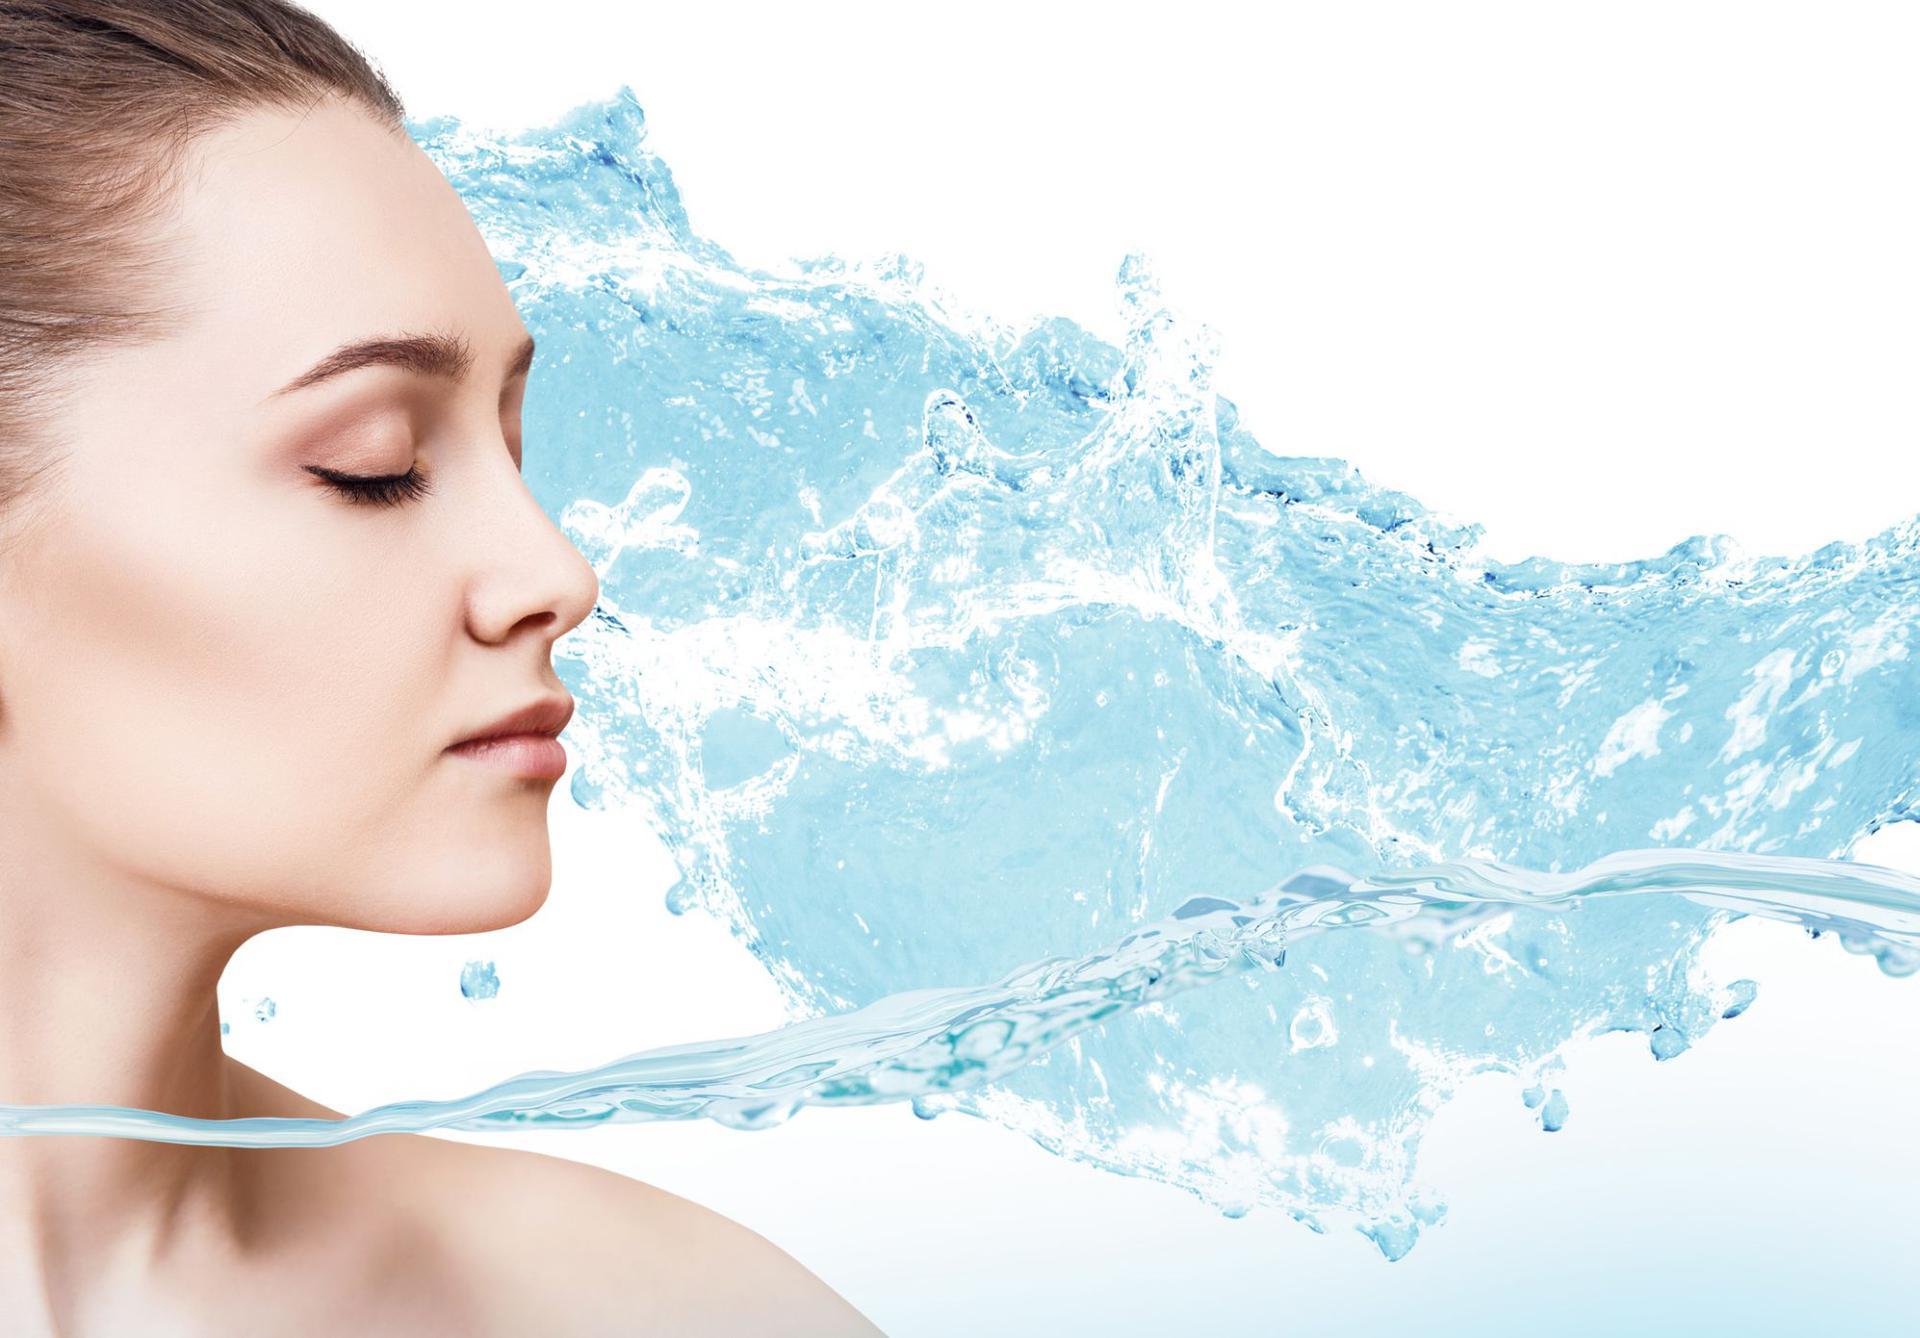 Jak skutecznie nawilżać skórę?